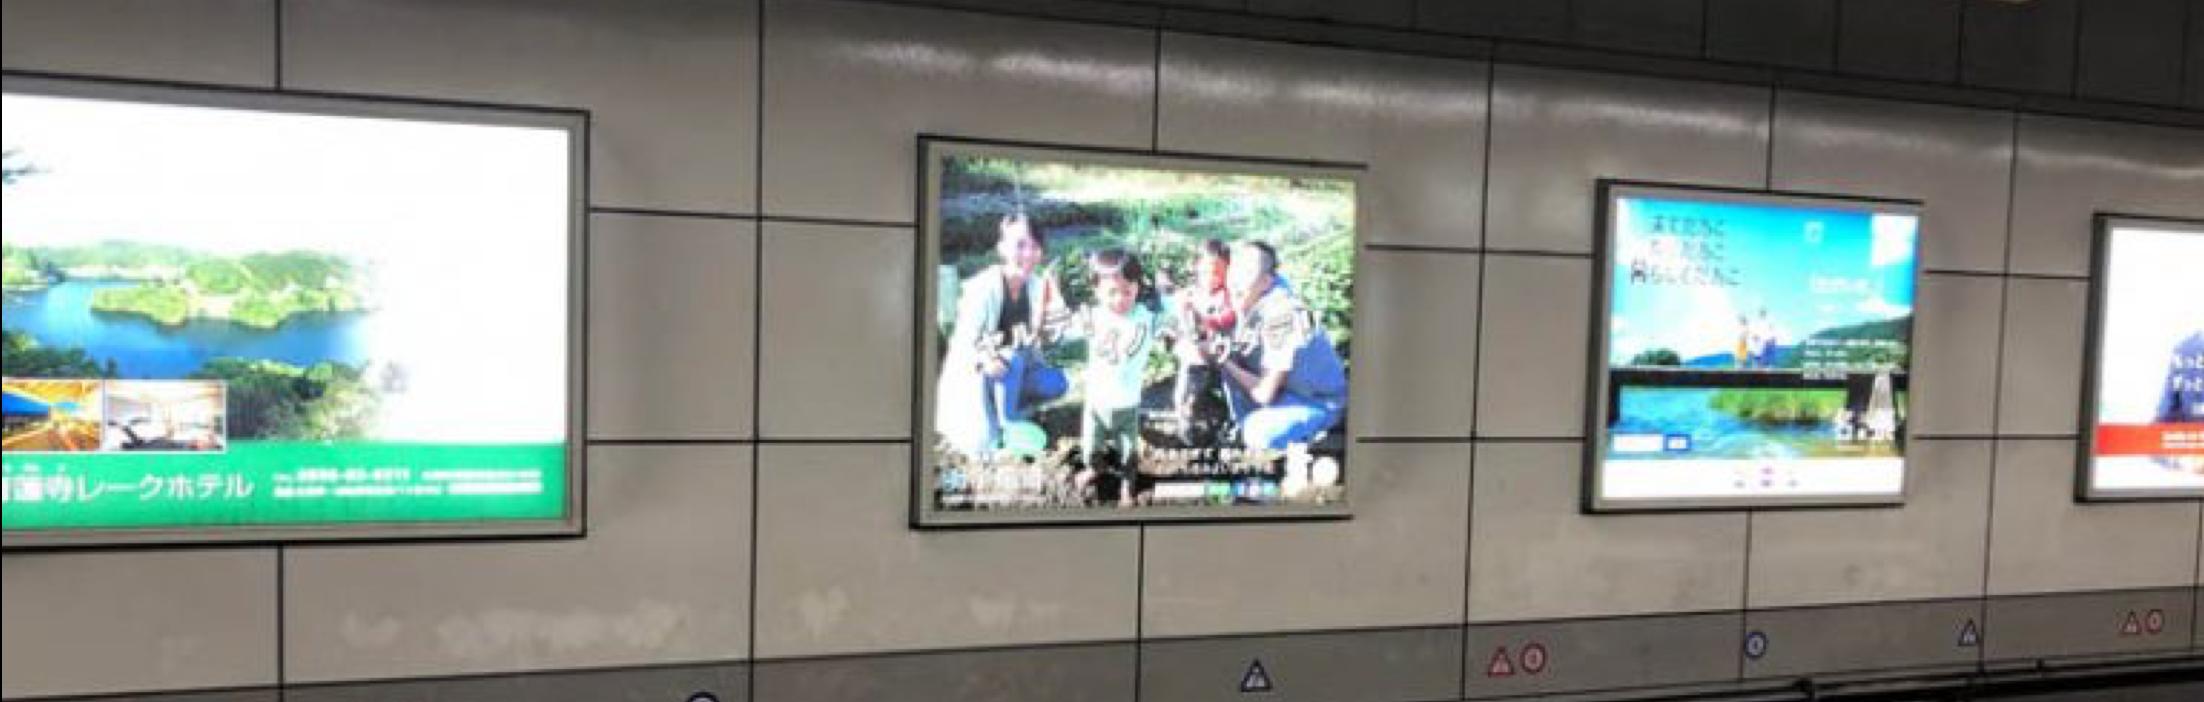 おすすめ近鉄駅看板広告